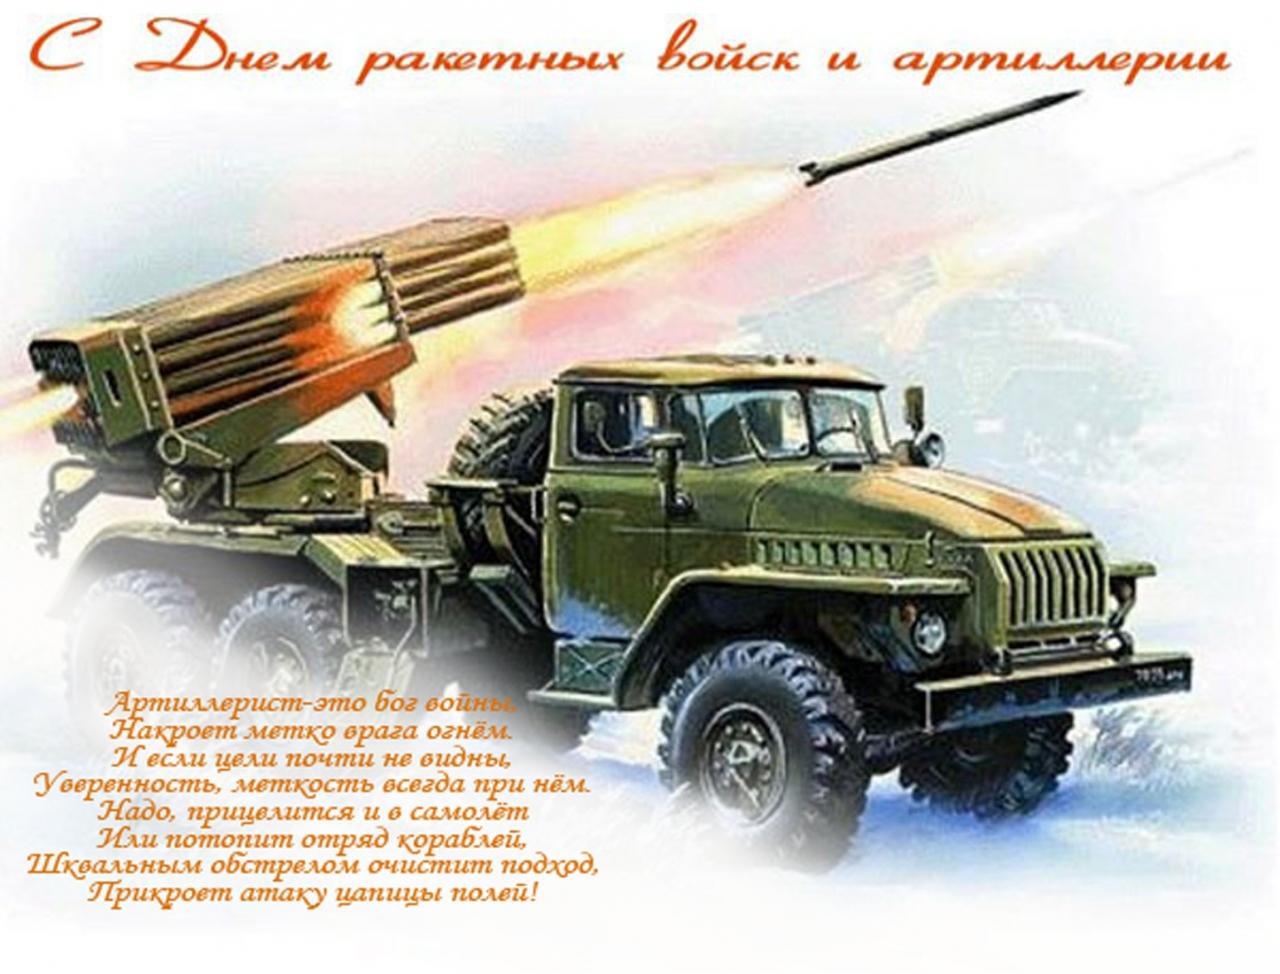 Поздравления артиллеристам и ракетчикам